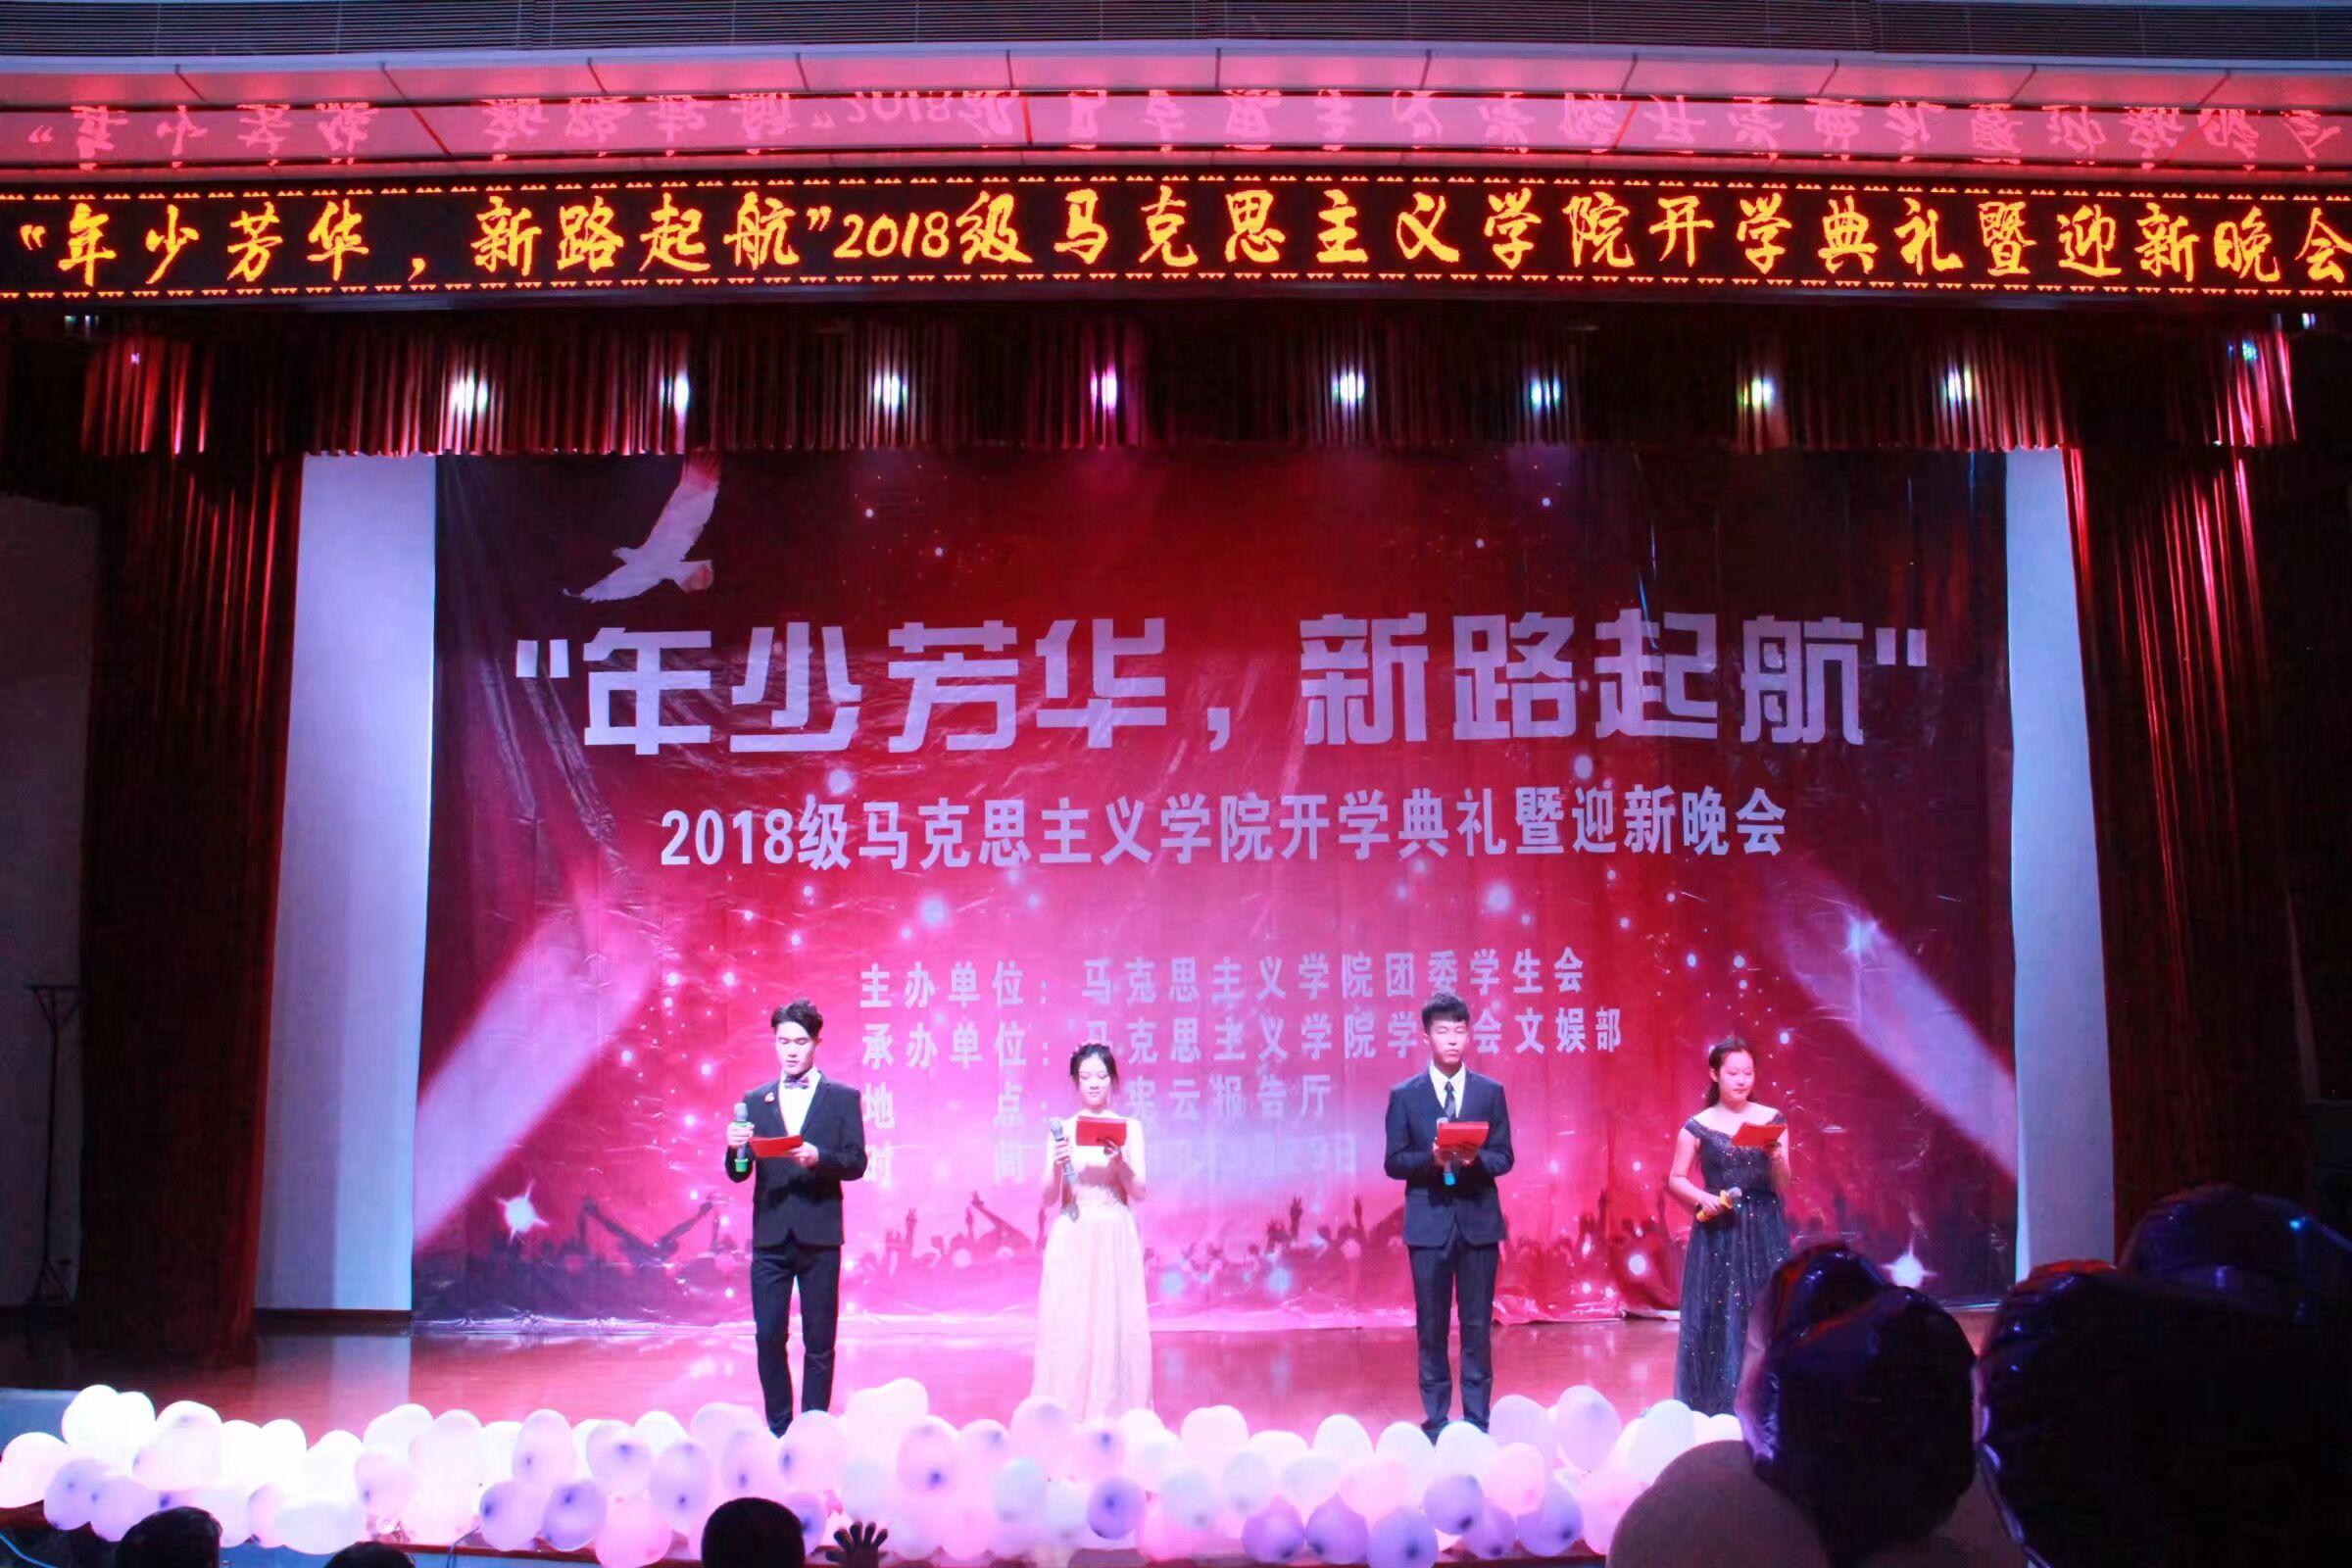 青年之声·马克思主义学院举行迎新晚会暨新生开学典礼